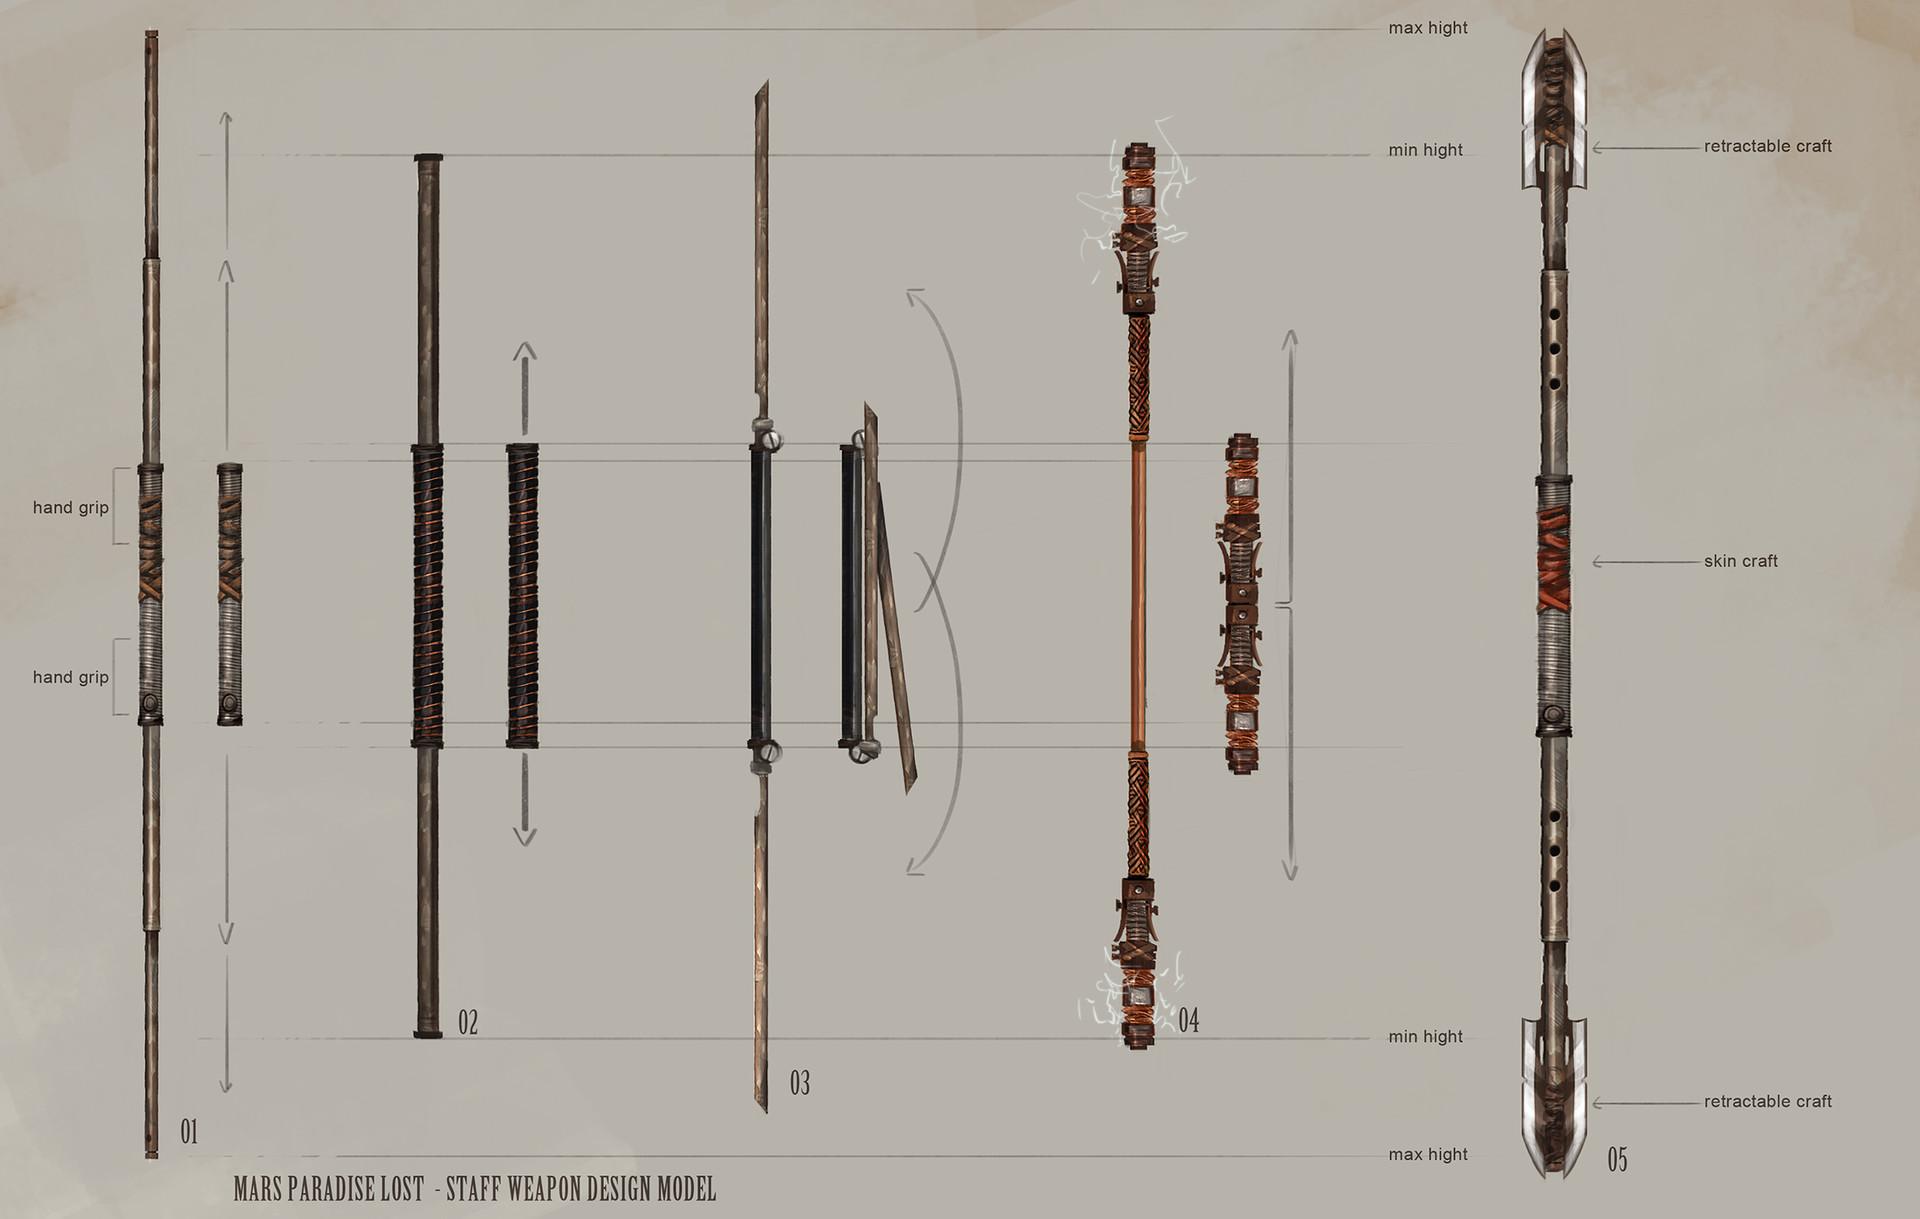 Alexandre chaudret mpl weapon staff gabarit01